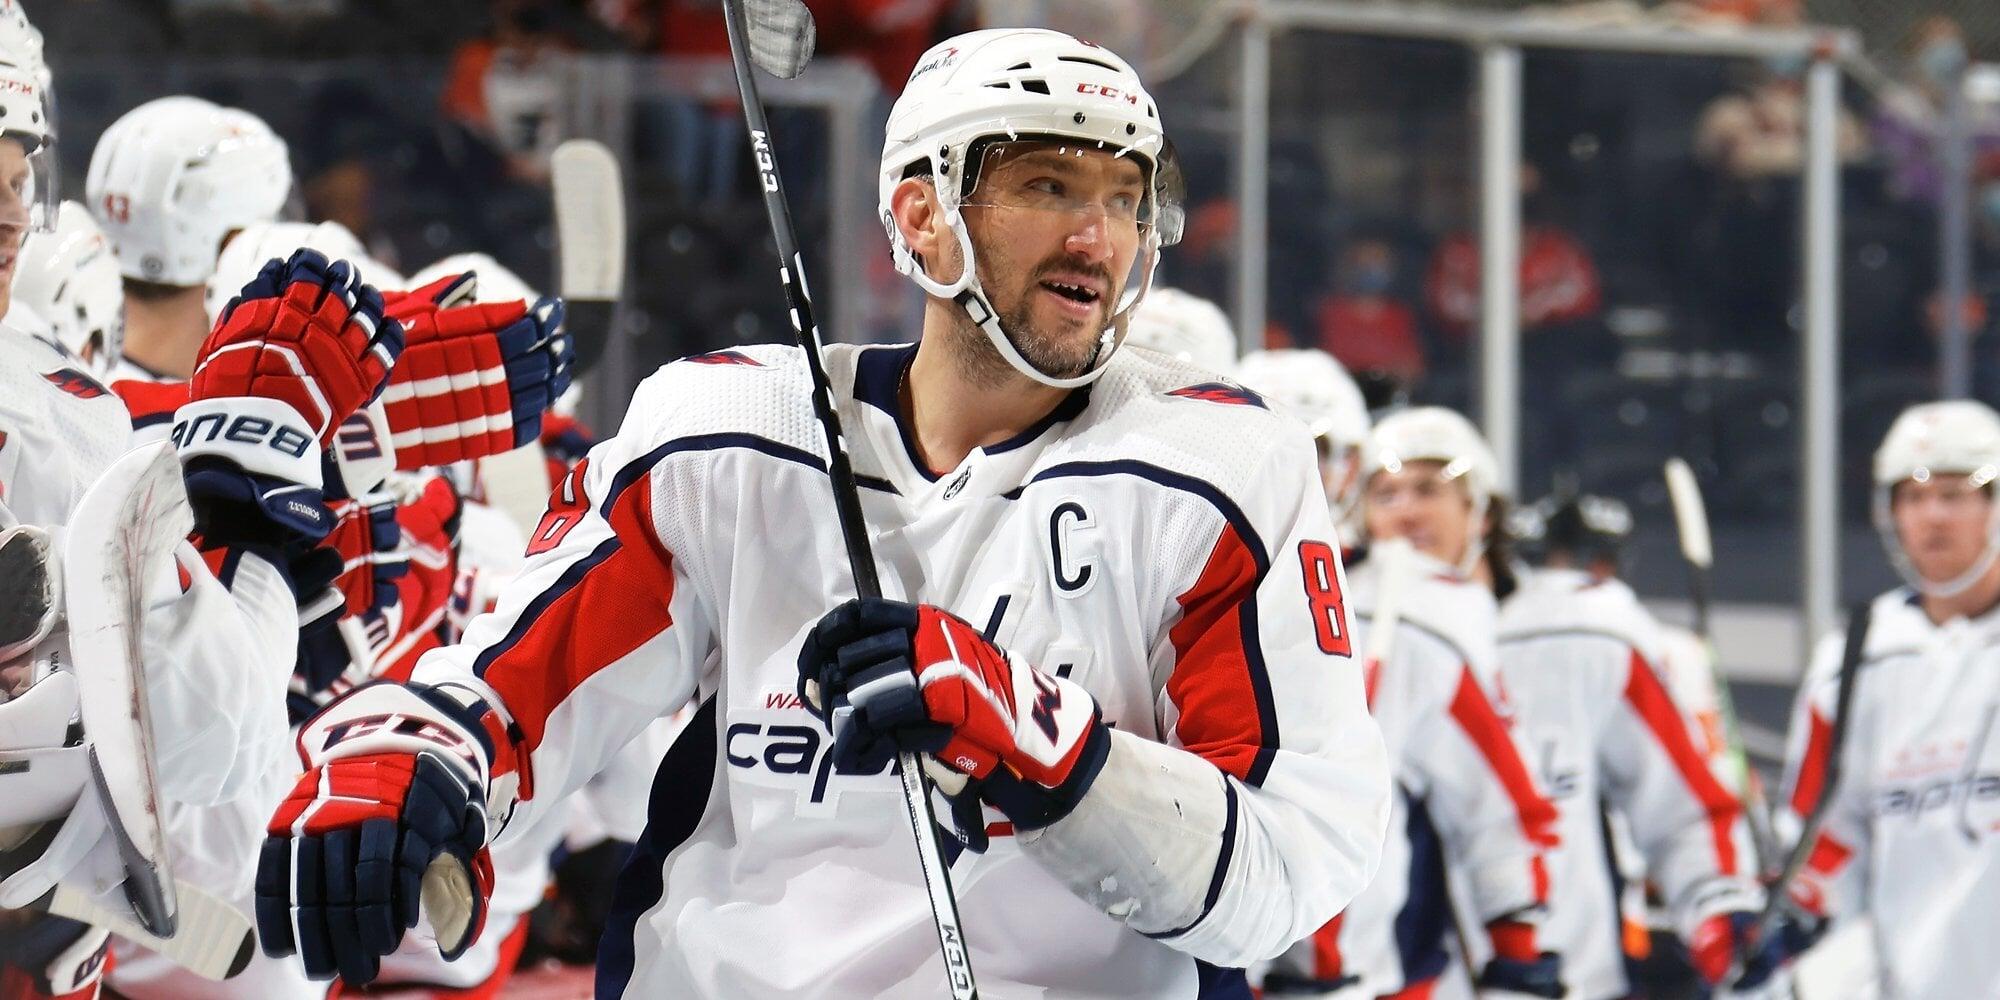 Овечкин о 5-м месте в списке лучших снайперов НХЛ: Я наслаждаюсь происходящим. Просто стараюсь делать свою работу